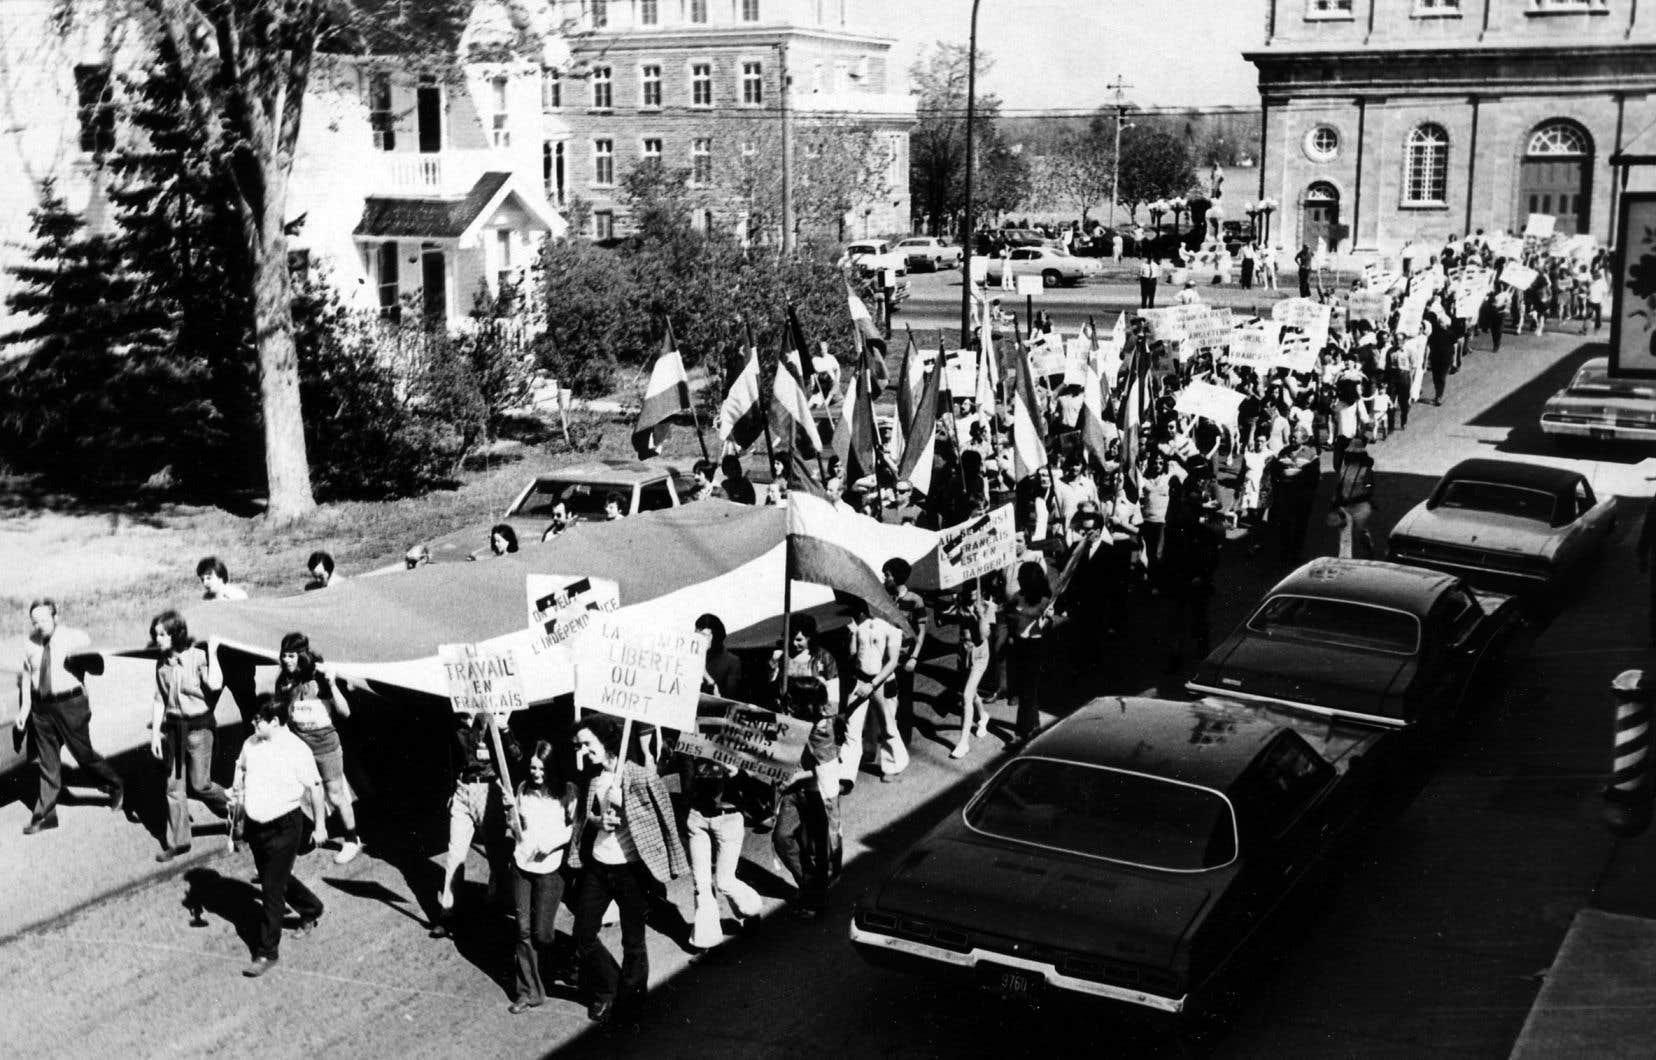 Pierre Vallières espérait l'indépendance de son pays, tout en pensant qu'un Québec hostile aux immigrants ne mérite pas de survivre. Ici, une manifestation pour la protection de la langue française, en 1972, à laquelle Vallières a participé.